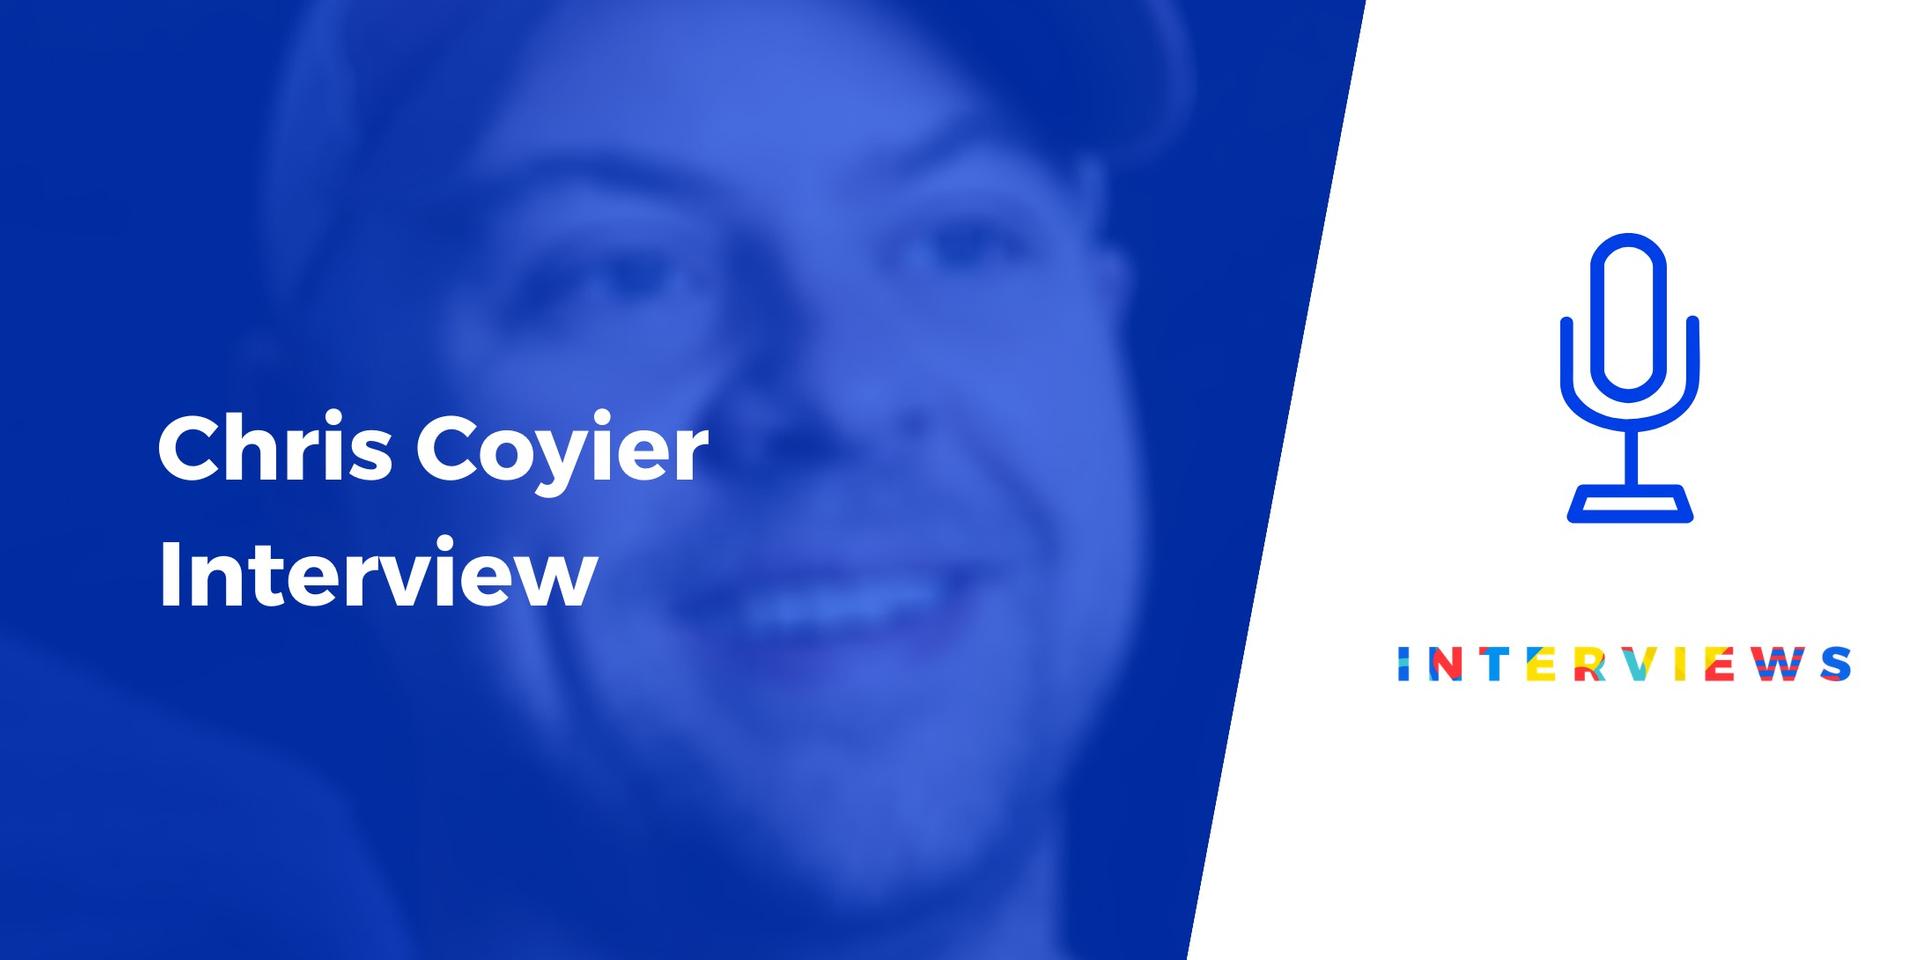 مقابلة كريس كويير - الرجل وراء CodePen و CSS-Tricks